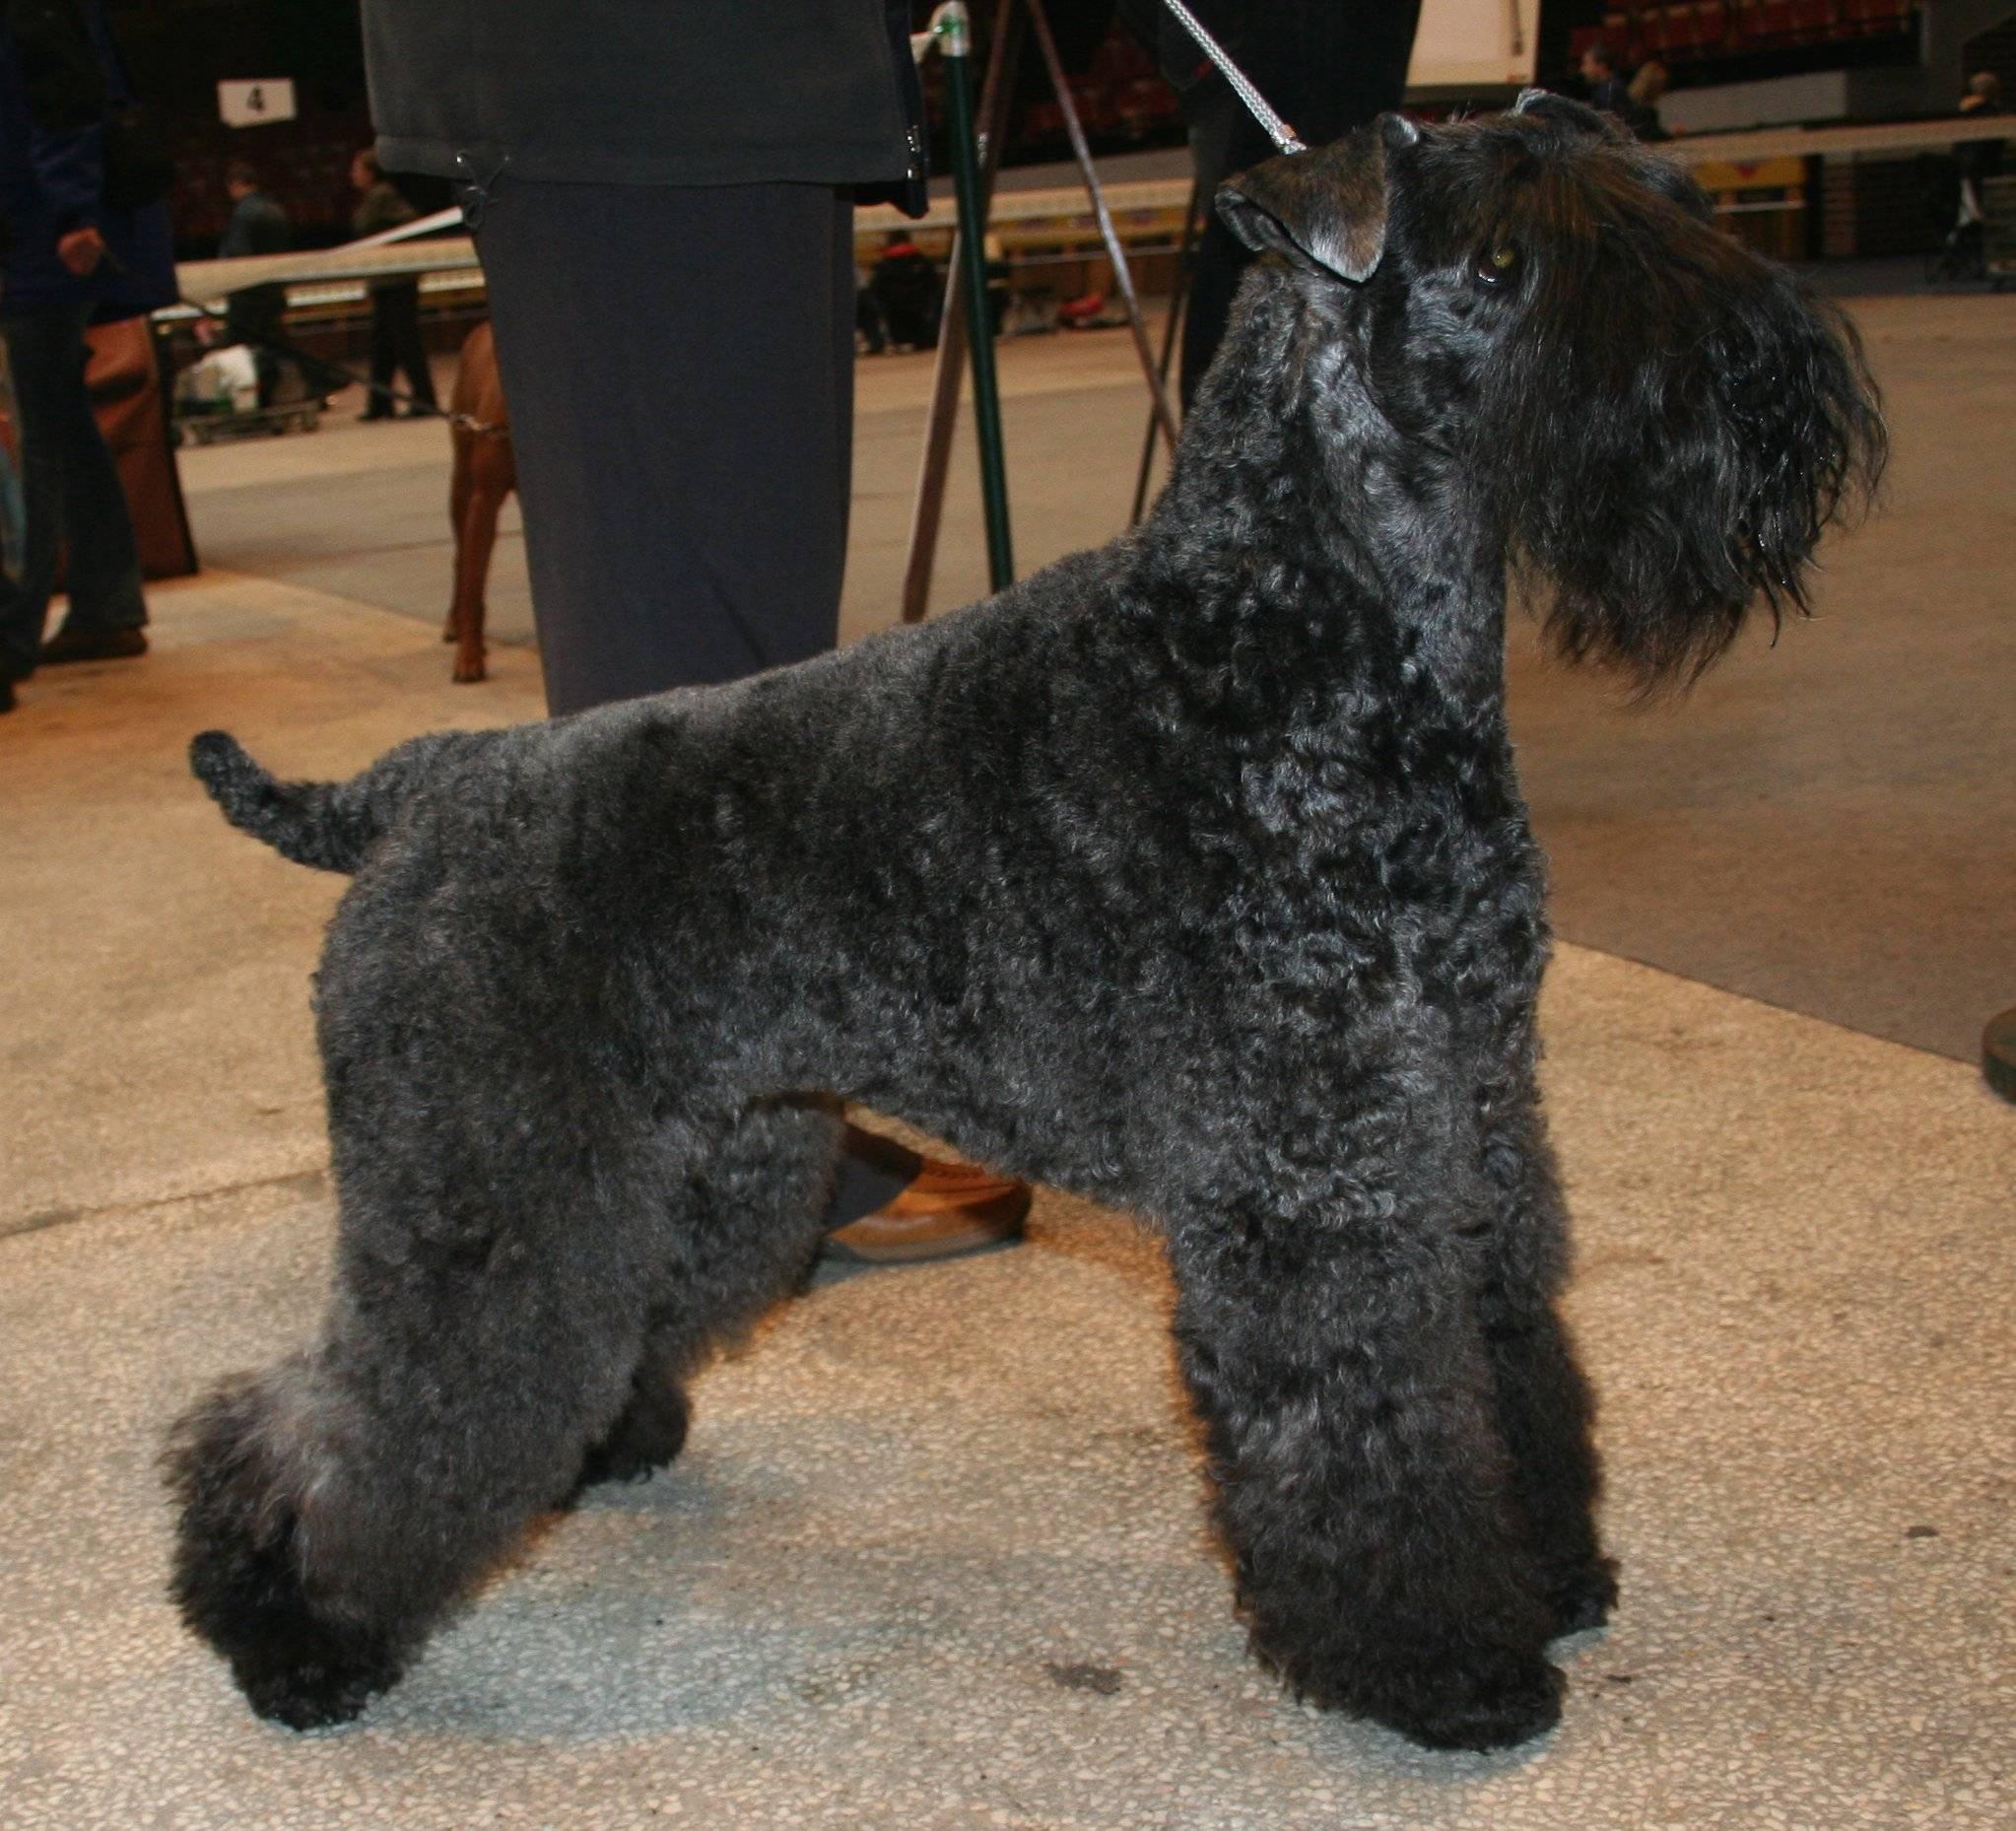 Описание породы собак керри-блю-терьер с отзывами владельцев и фото